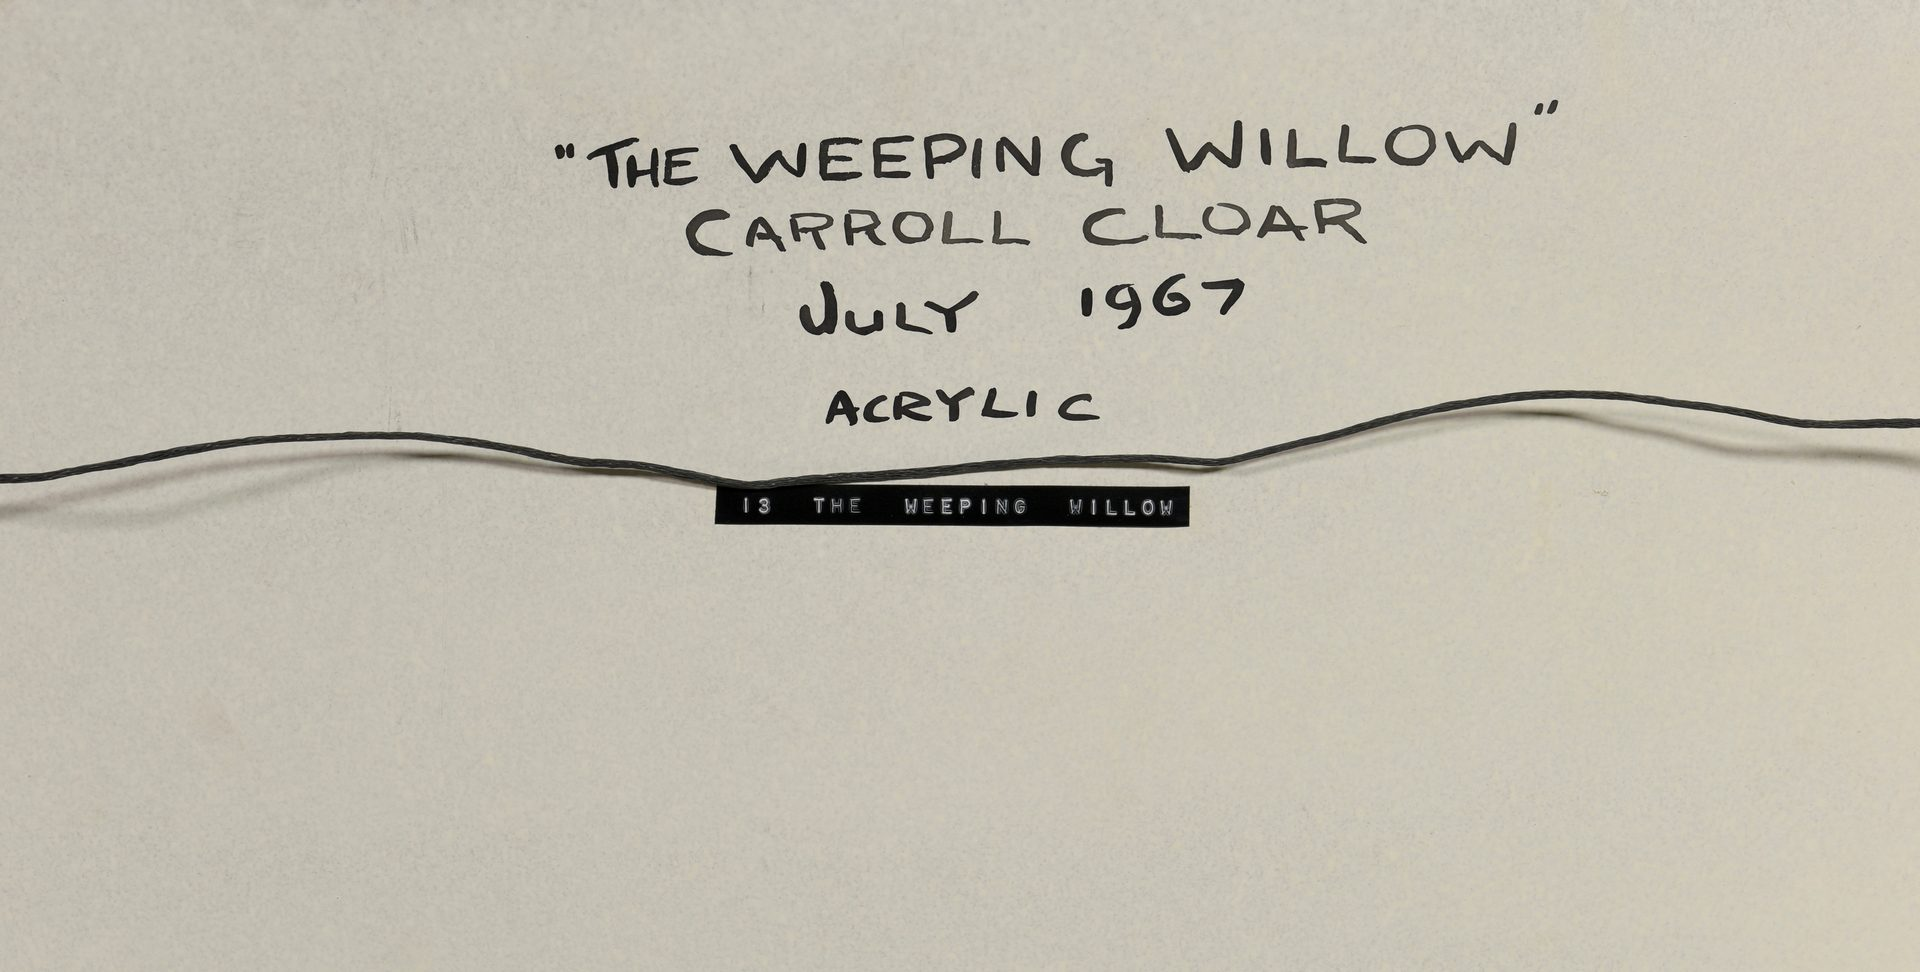 Lot 211: Carroll Cloar Acrylic on Board, Weeping Willow